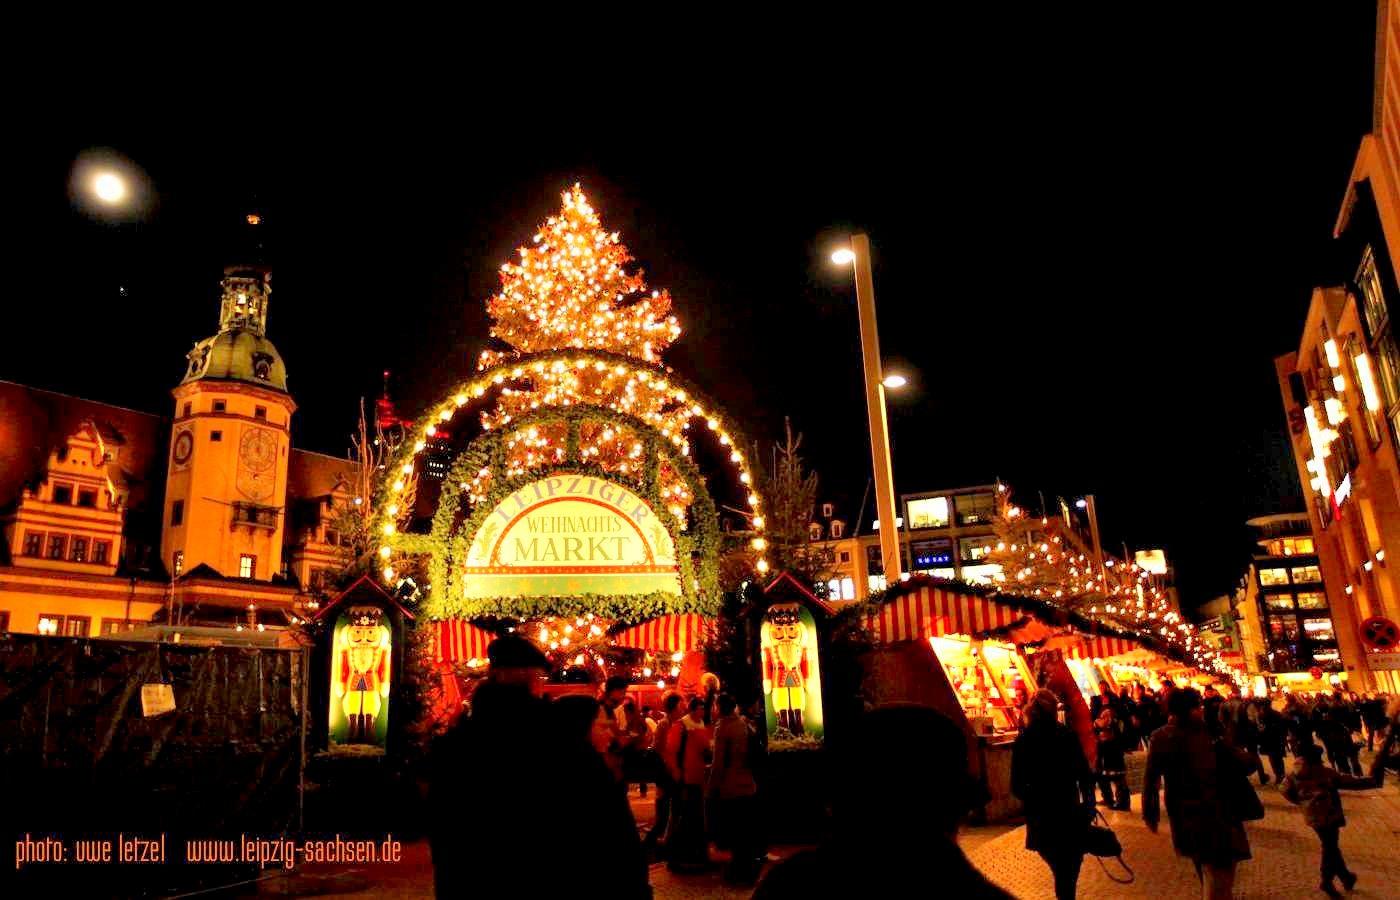 Wann Ist Der Weihnachtsmarkt.Leipzig Weihnachtsmarkt 2018 Leipzig Sachsen De